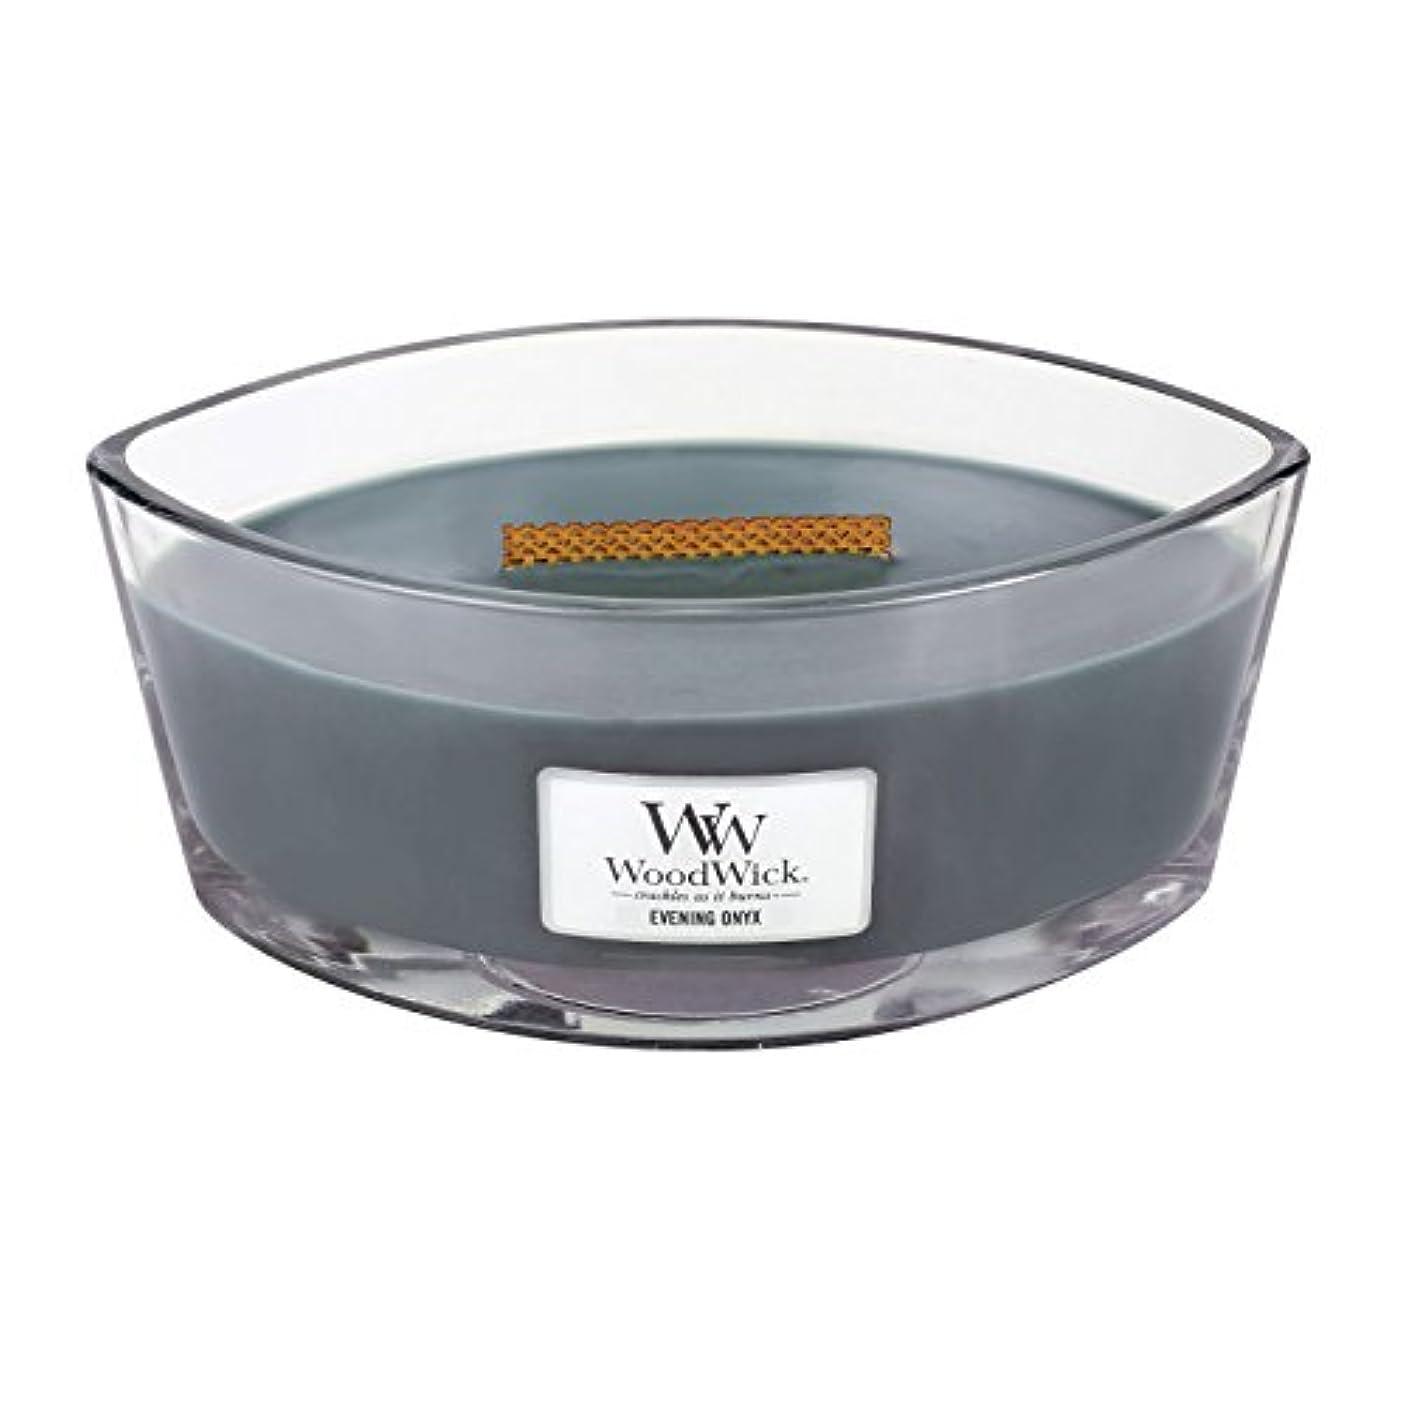 アンソロジーリムウェイターWoodWick EVENING ONYX, Highly Scented Candle, Ellipse Glass Jar with Original HearthWick Flame, Large 18cm, 470ml